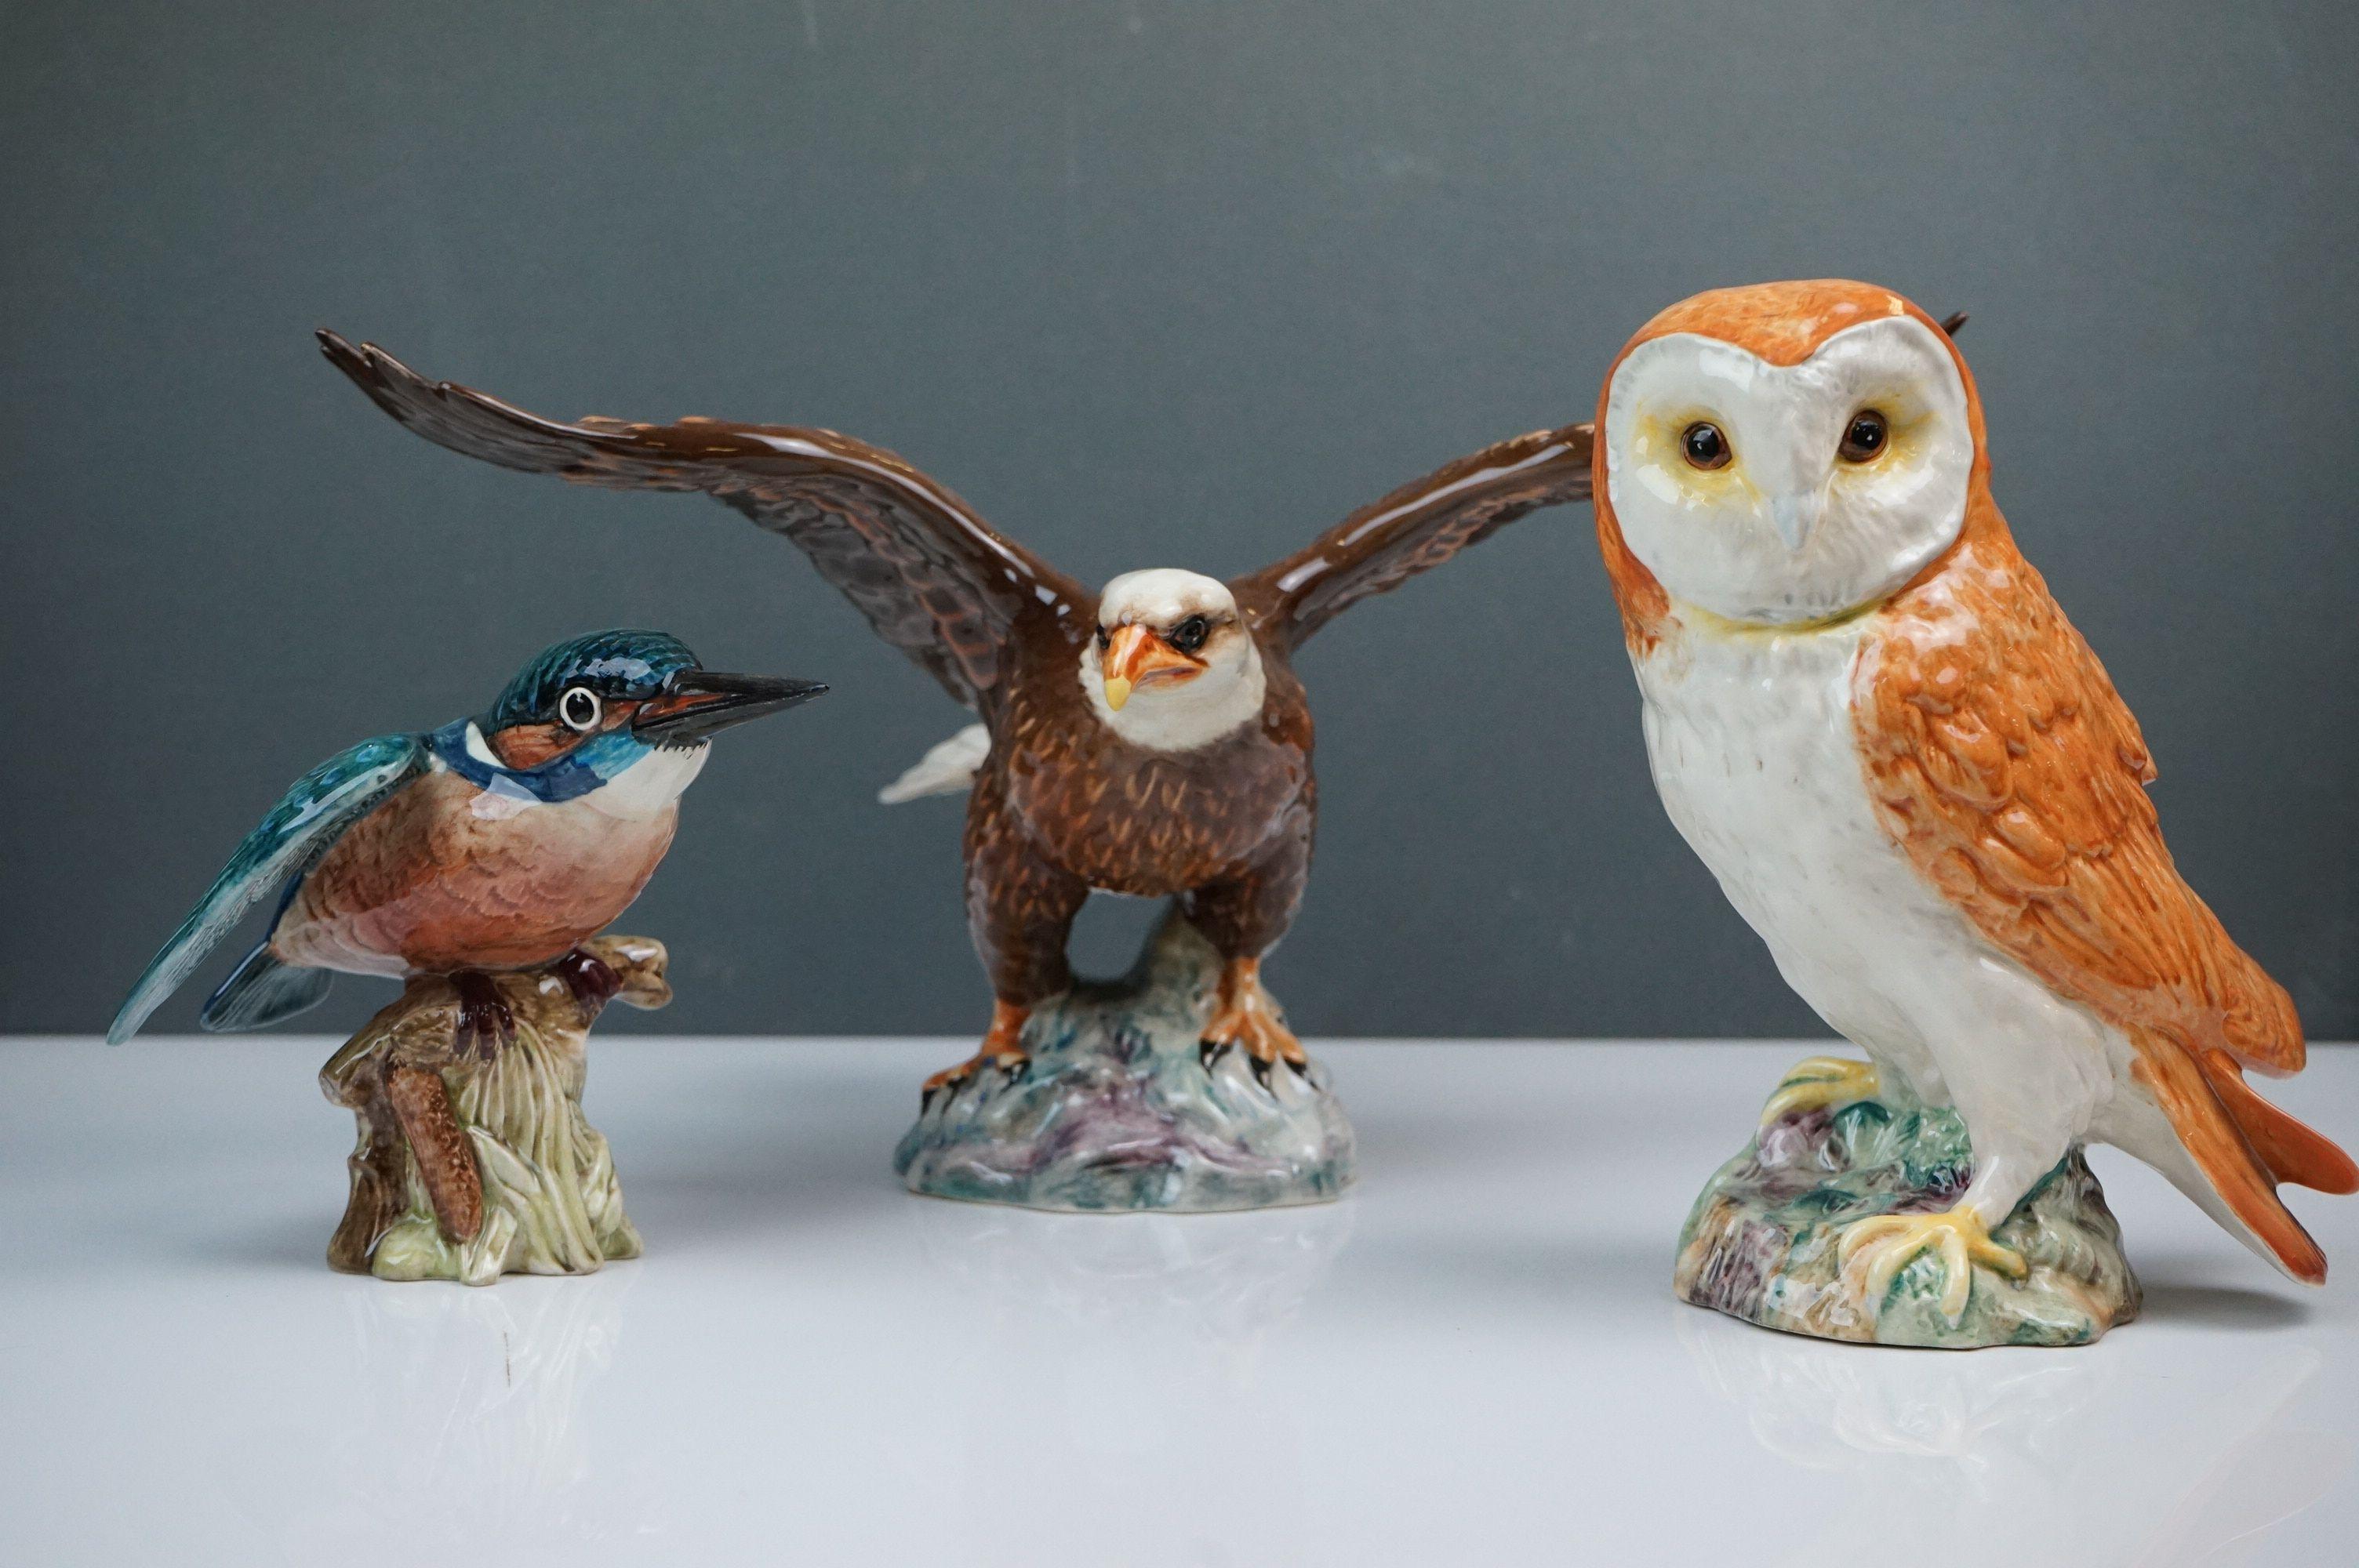 Beswick Eagle on Rock (no. 2307), Beswick Owl (no. 1046a) and Beswick Kingfisher (no. 2371)